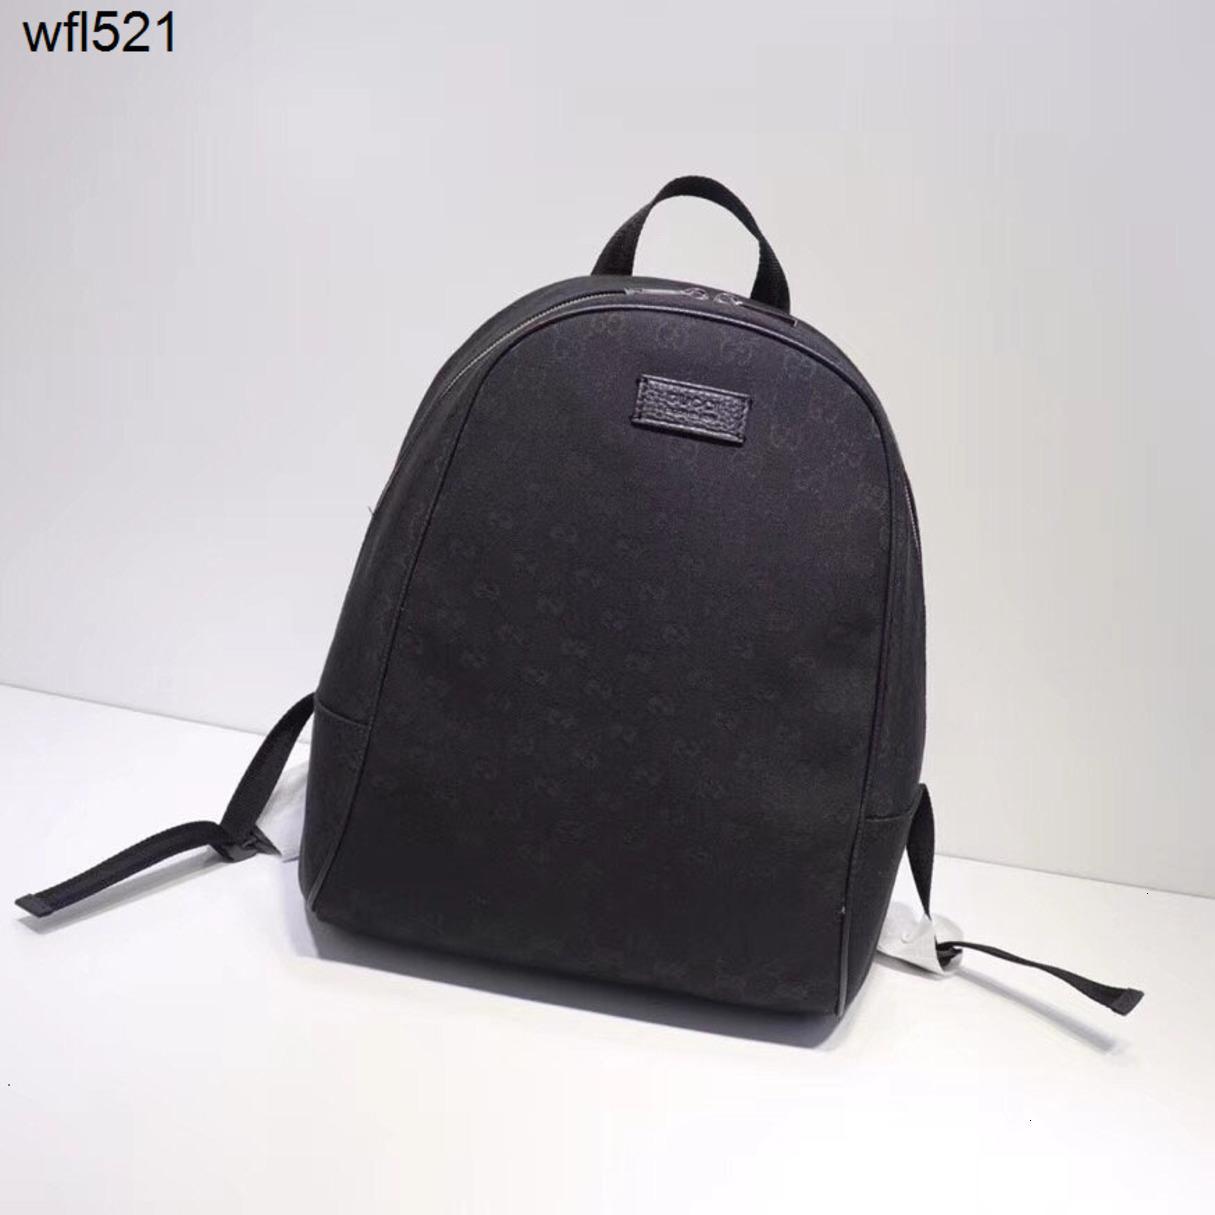 tutte le borse di moda #G, uomini e donne borse a tracolla, borse, zaini, borse crossbody, marsupi pack.wallet.Fanny top Qaulity 449.906